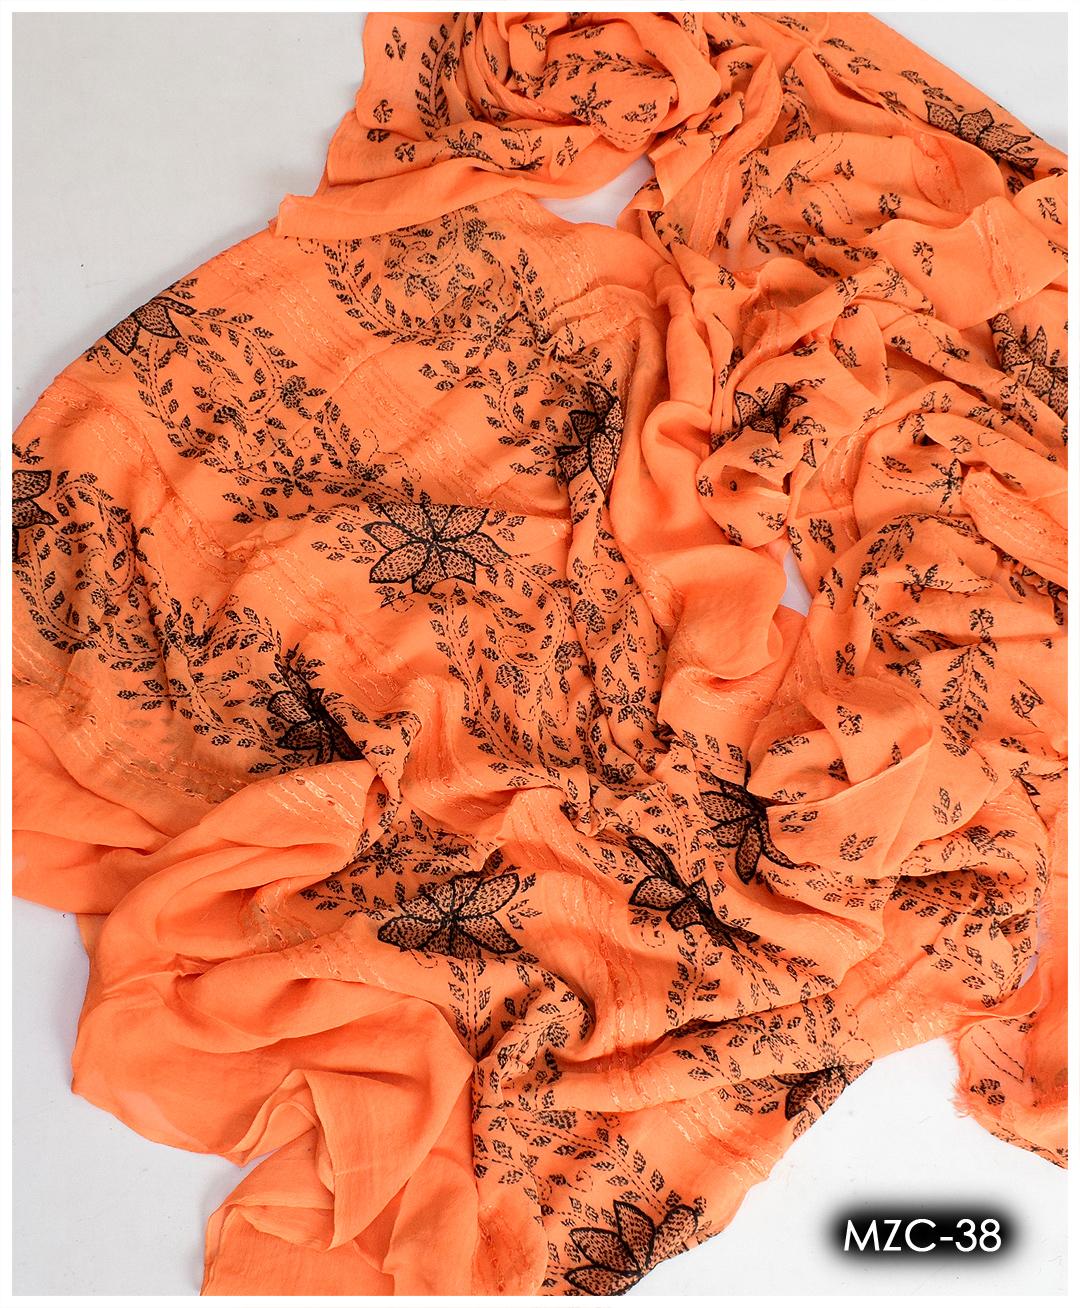 Hand Embroidered Kacha Pakka Taarkashi Work 2 Pc Chiffon Shirt and Dupatta - MZC-38